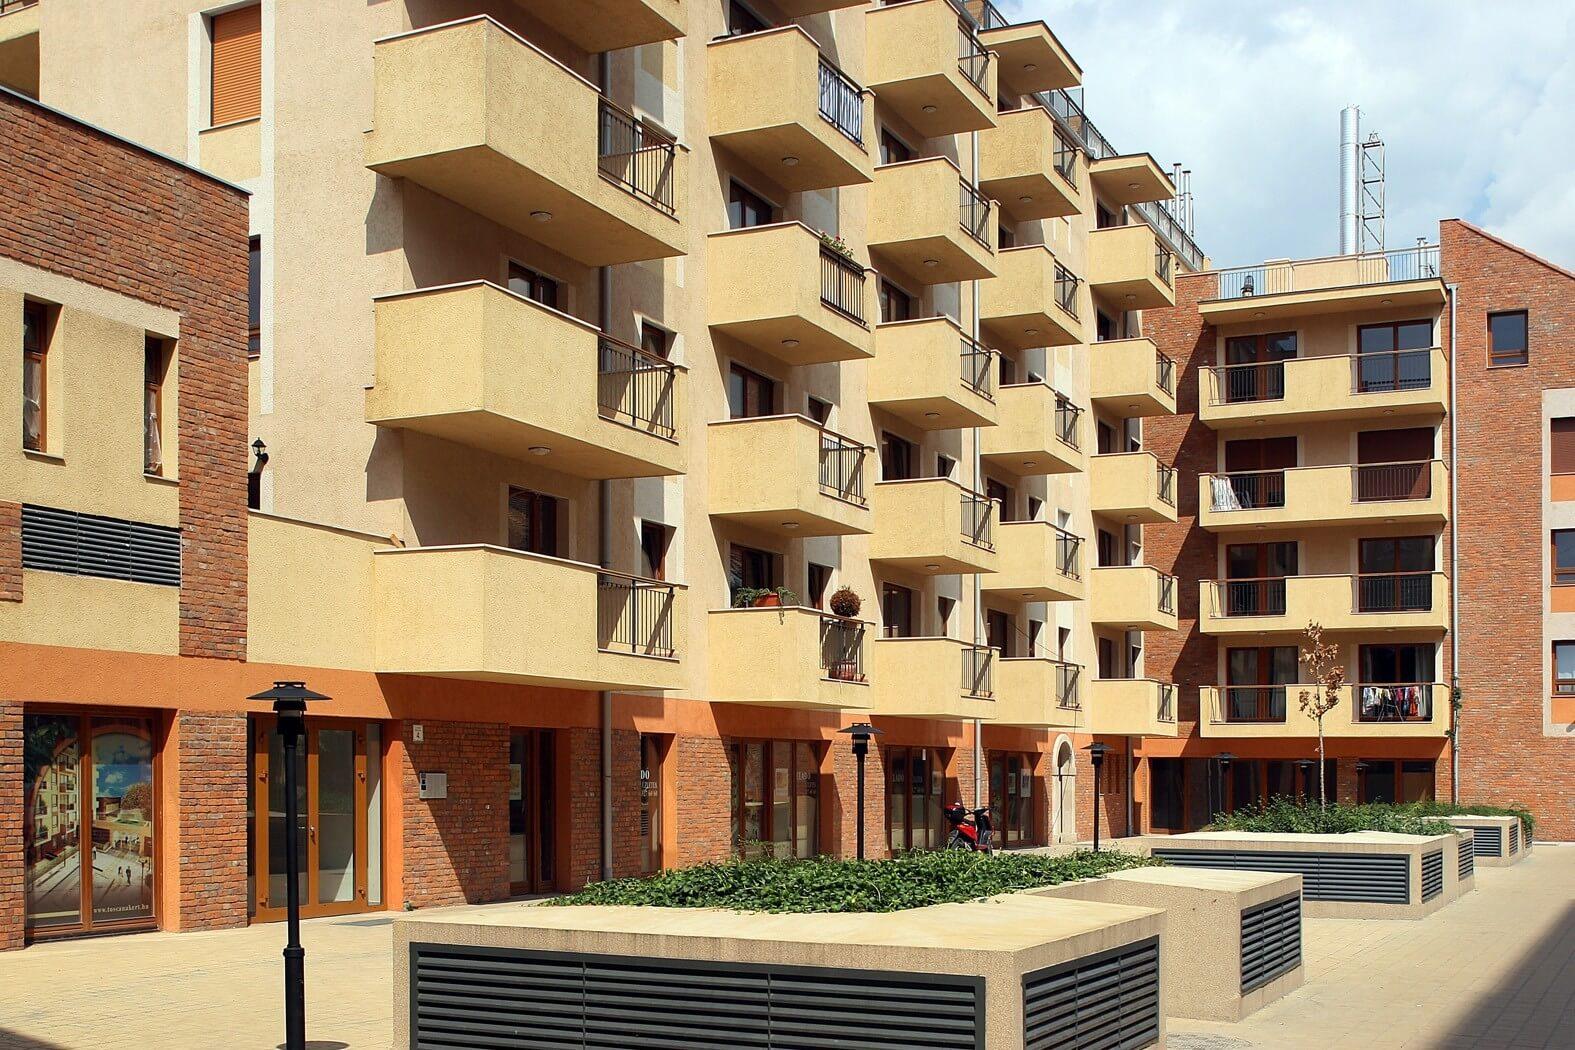 Több mint kétszeresére nőtt az építési és vásárlási kedv a lakáspiacon